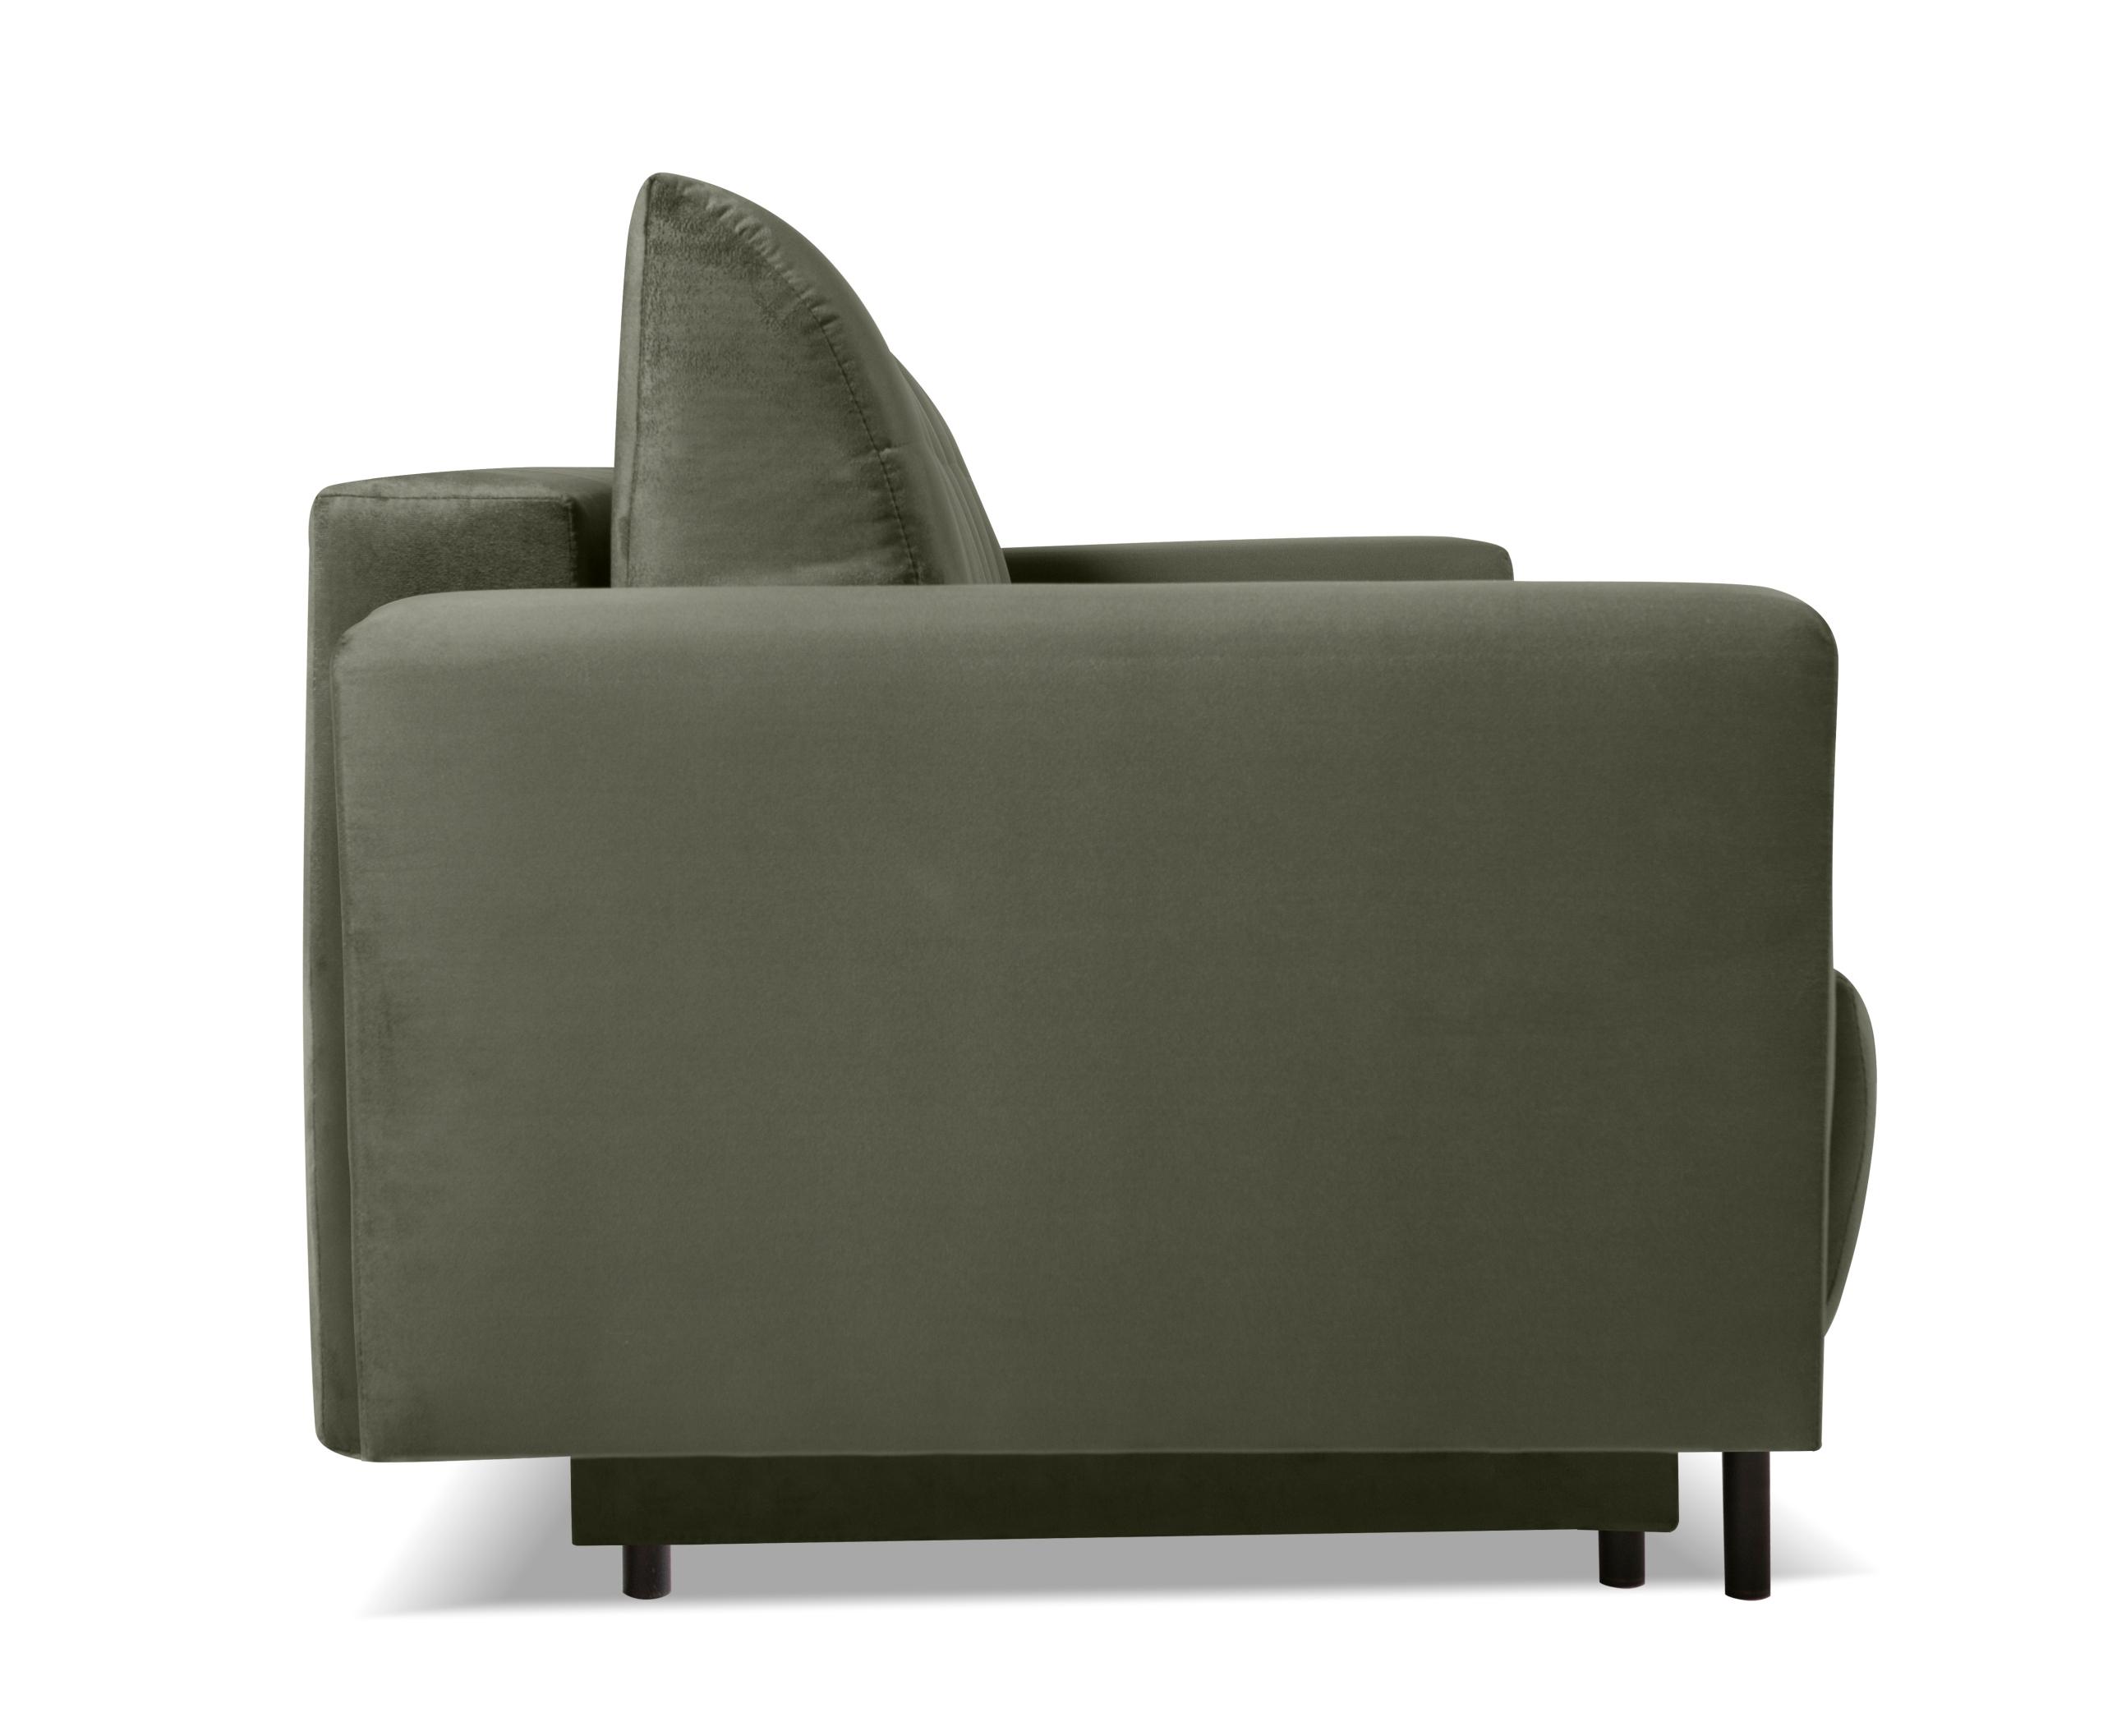 Großes Sofa SARA ausklappbares Schlafsofa - Farben Schlafbereich - Breite (cm) 131-140 cm